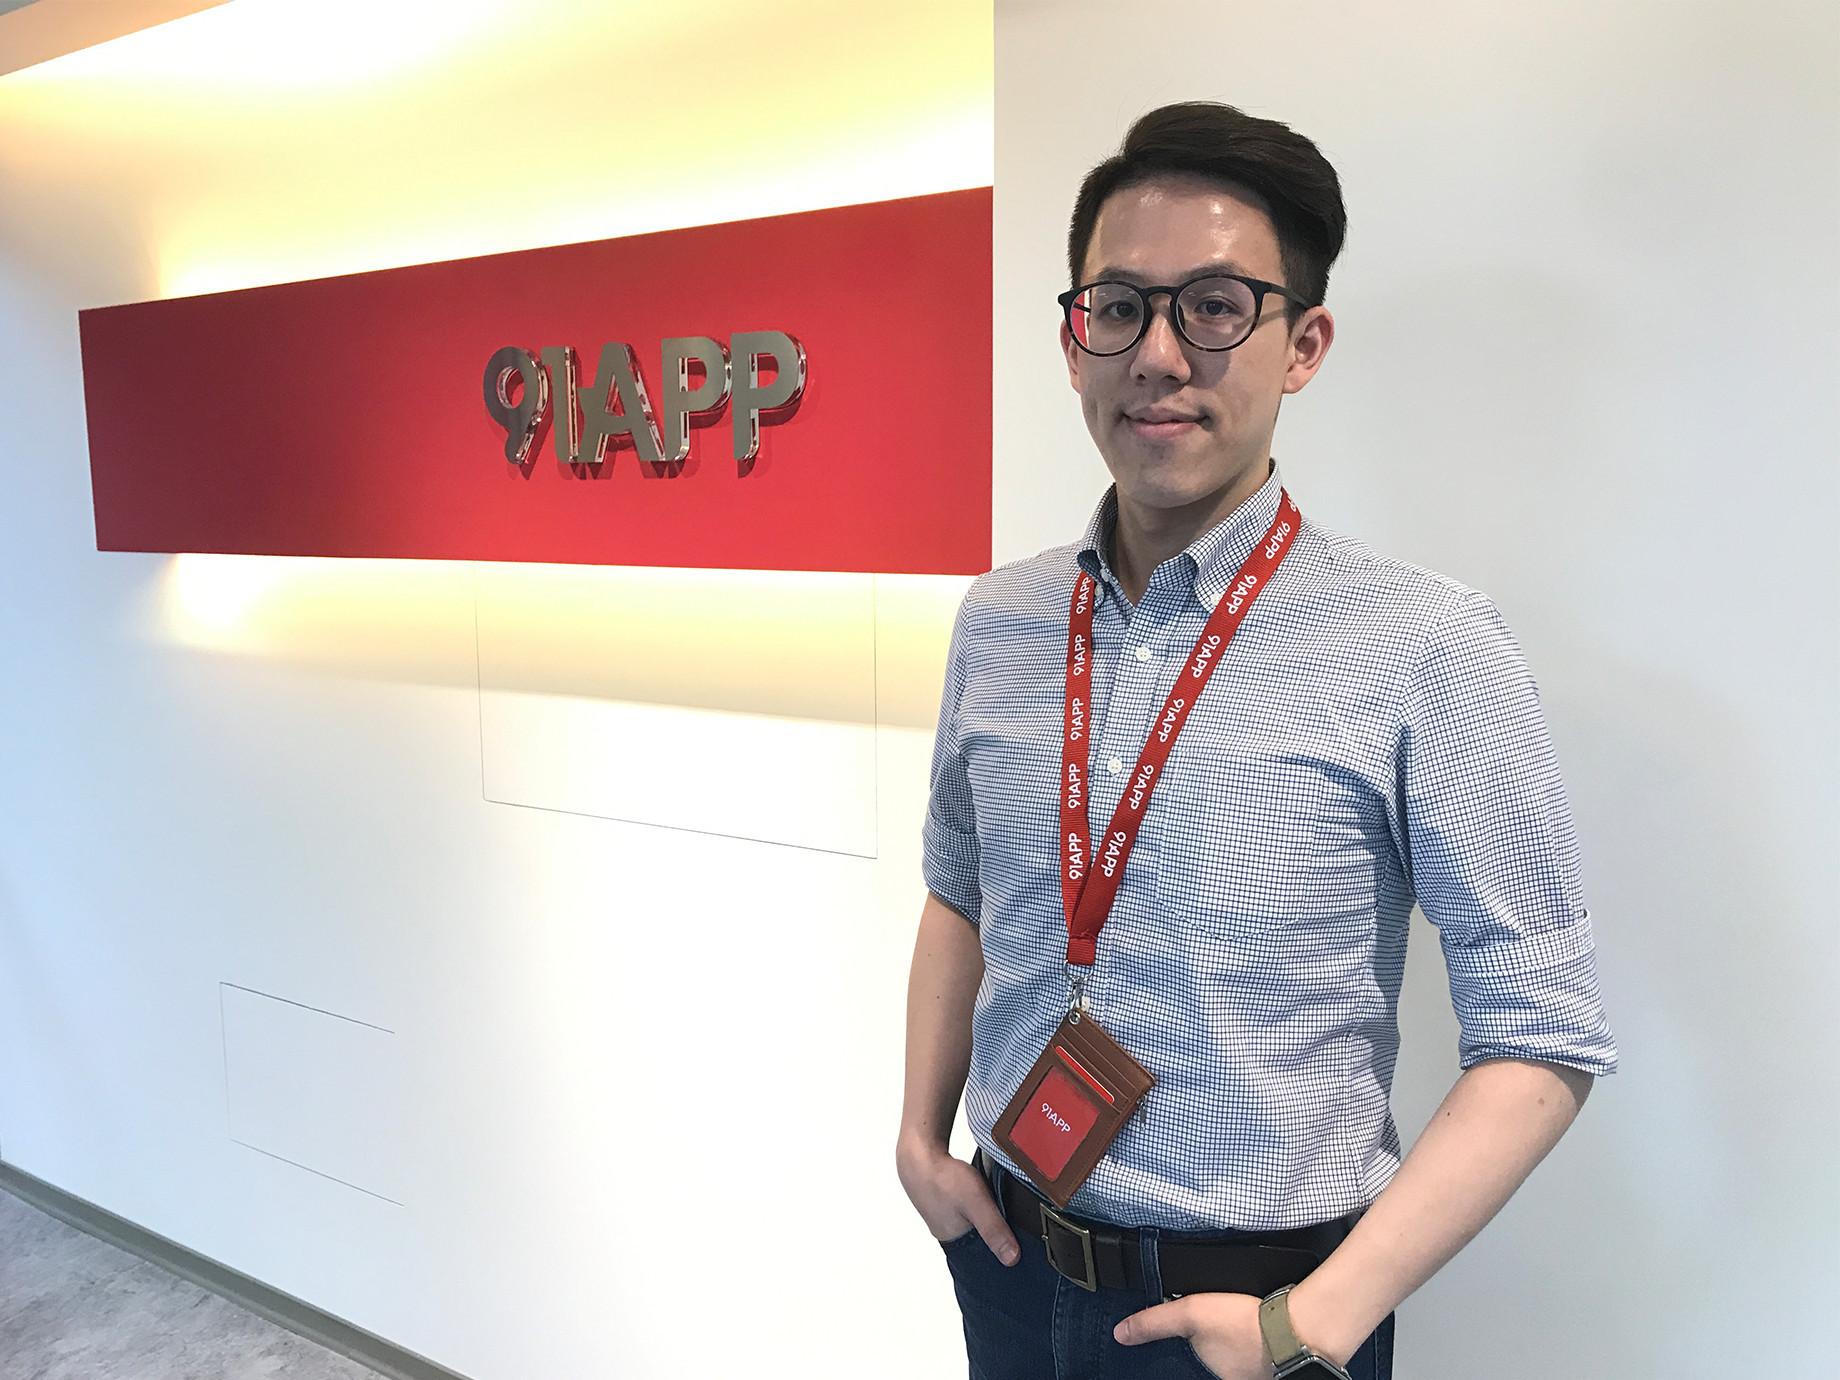 工作分享》唐宏瑞(91APP產品市場部專案經理):把最有影響力的事,放在計畫第一順位